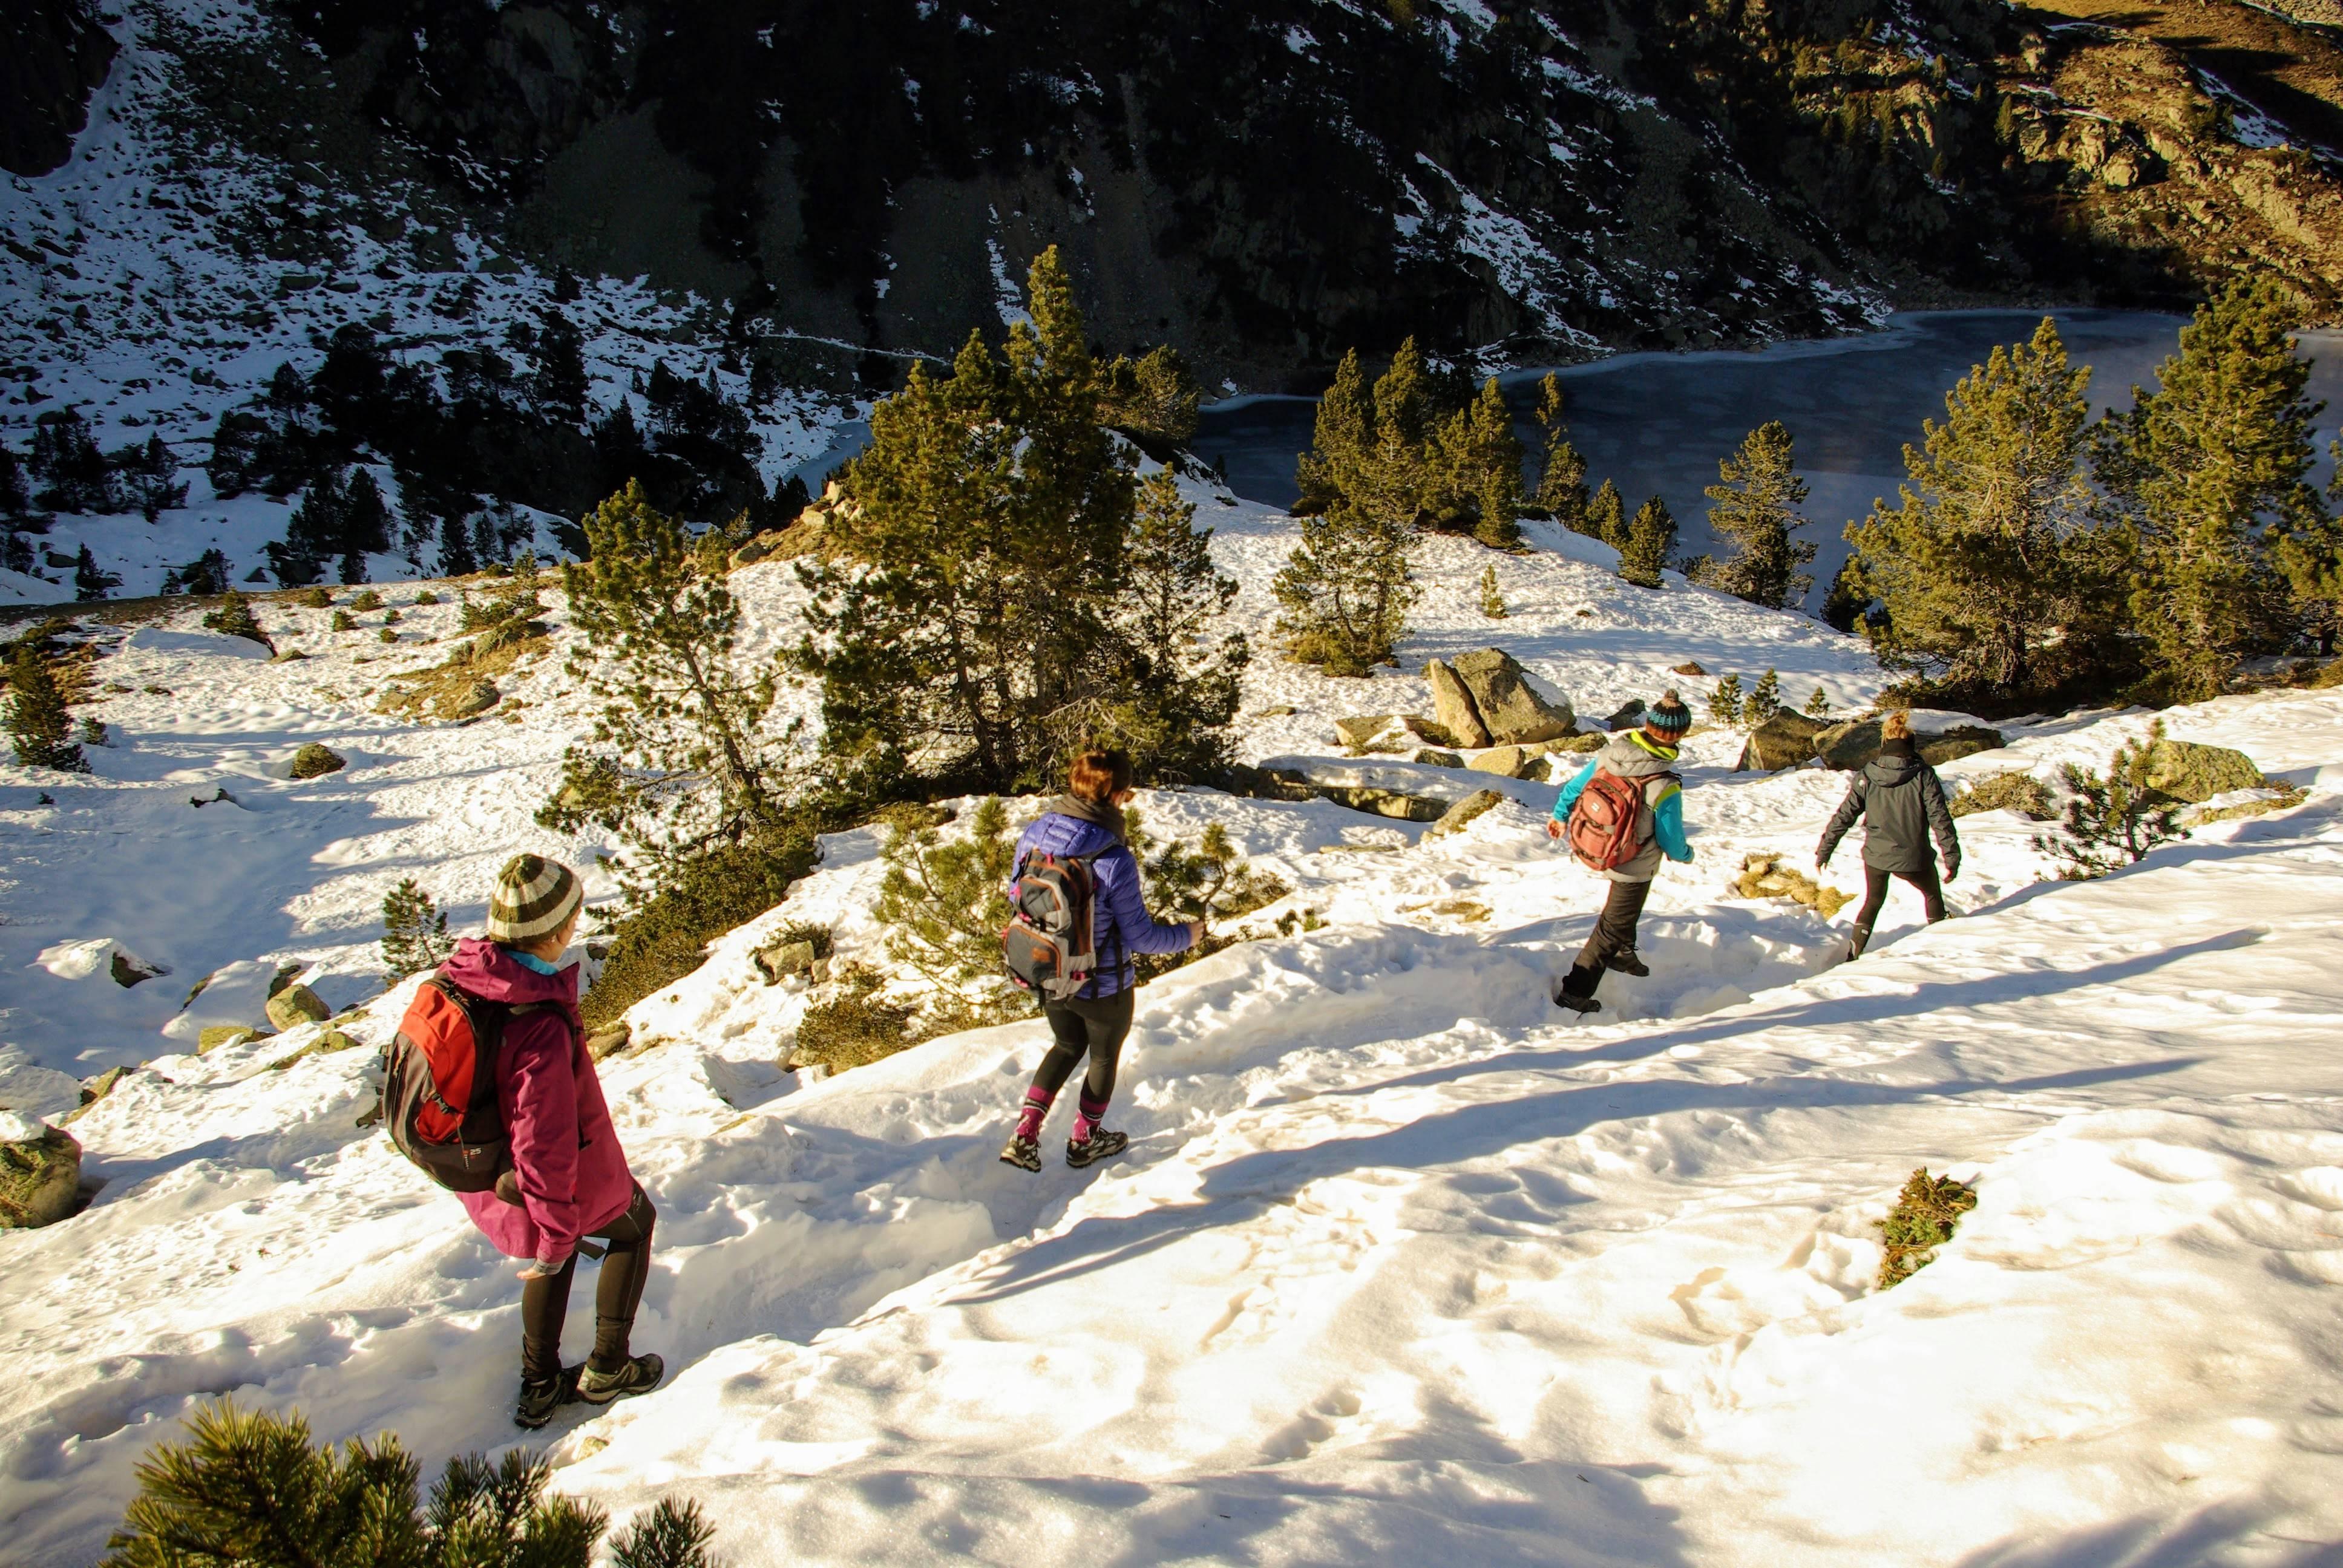 Photo 3: Refuge de Campana à 2225m dans les Hautes Pyrénnées